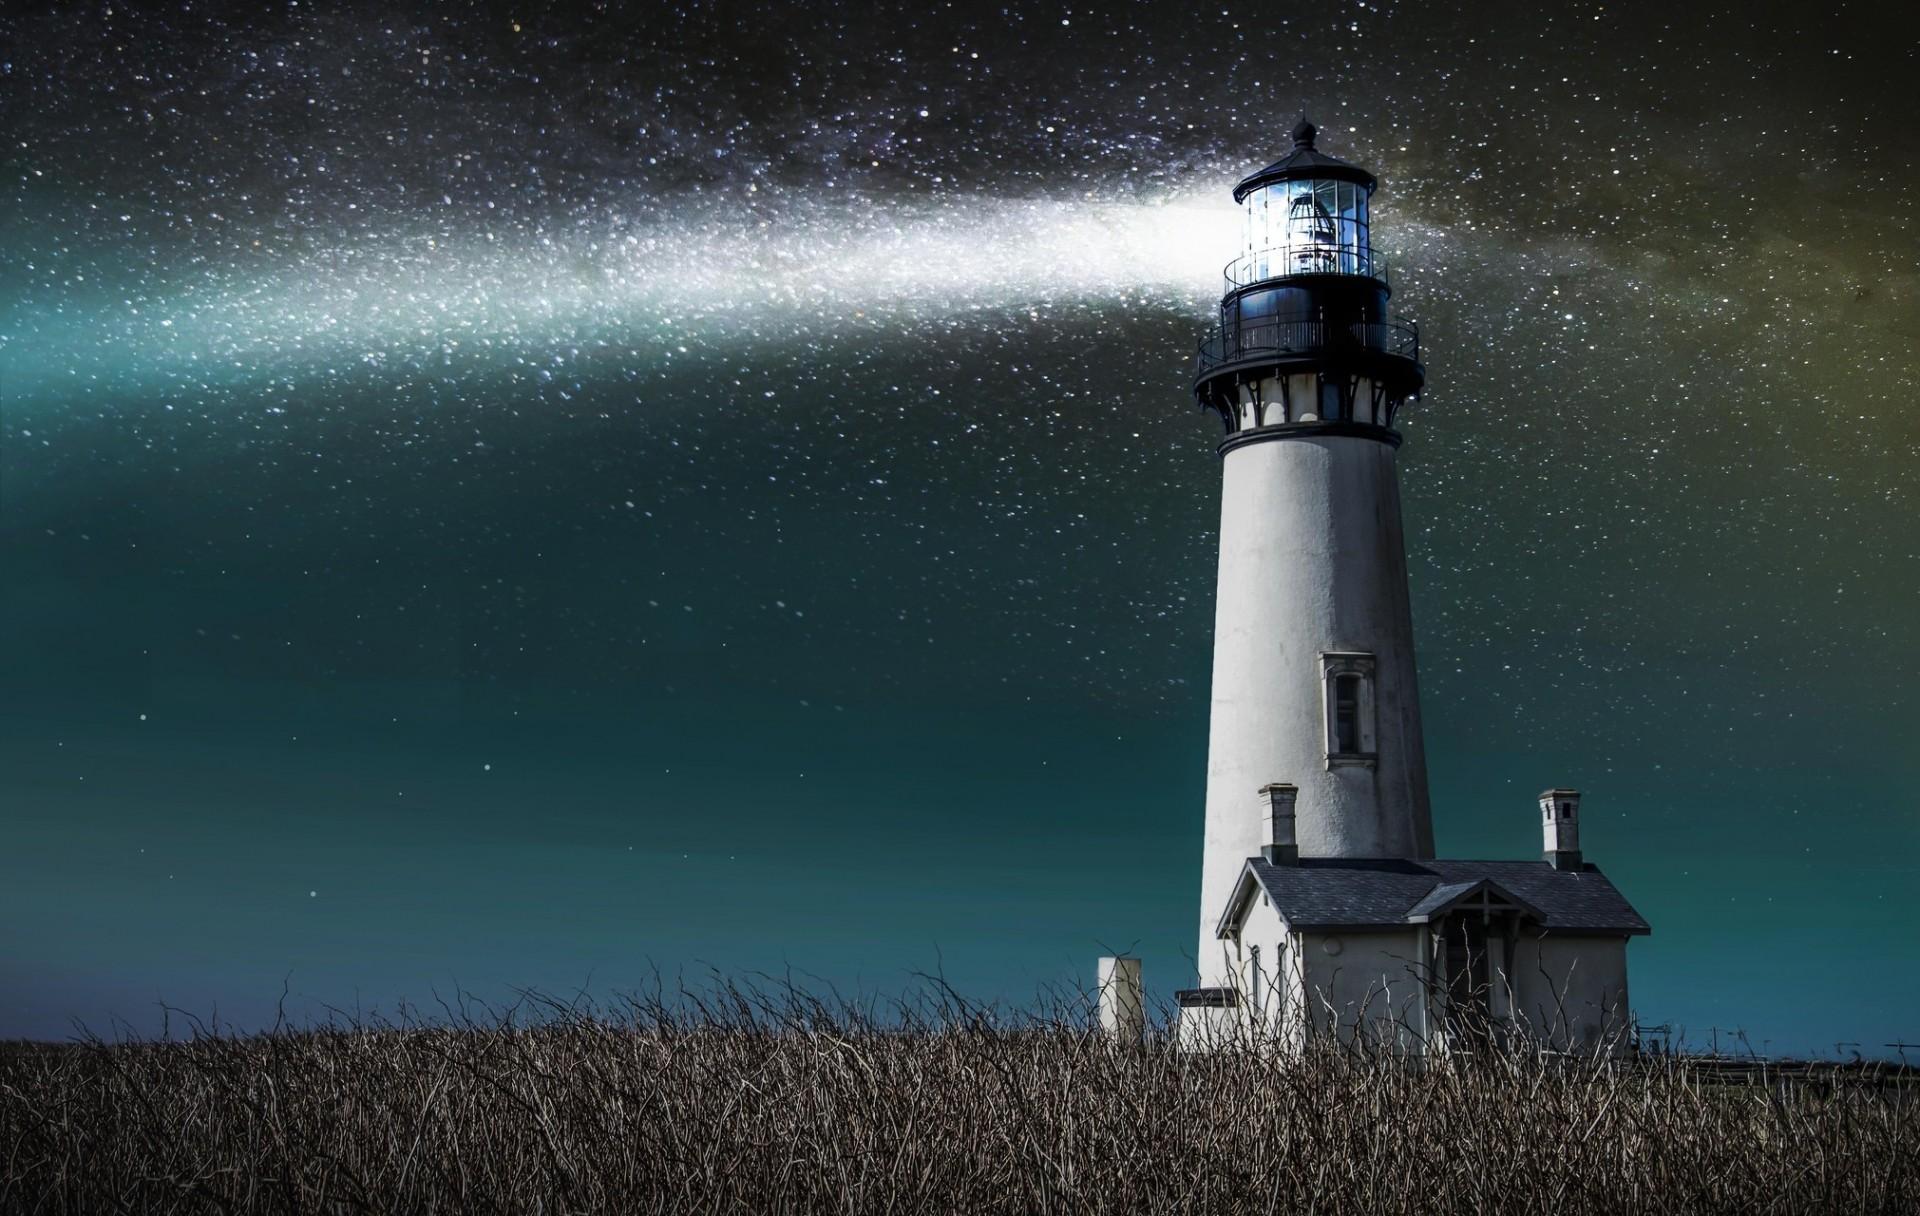 также для маяк ночью красивые картинки того